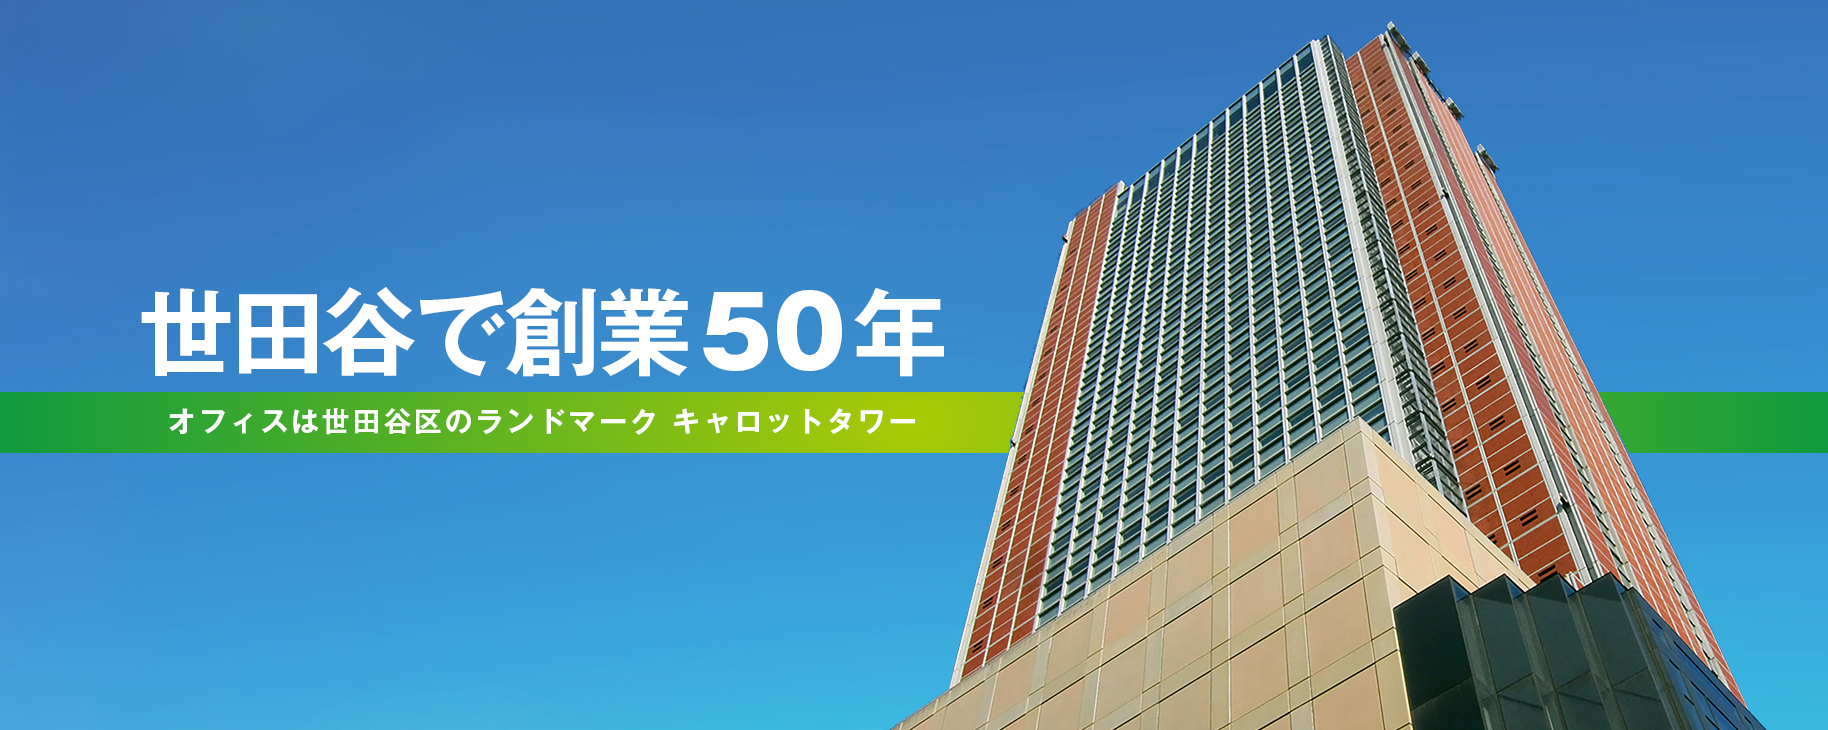 世田谷で創業50年|オフィスは世田谷区のランドマーク キャロットタワー